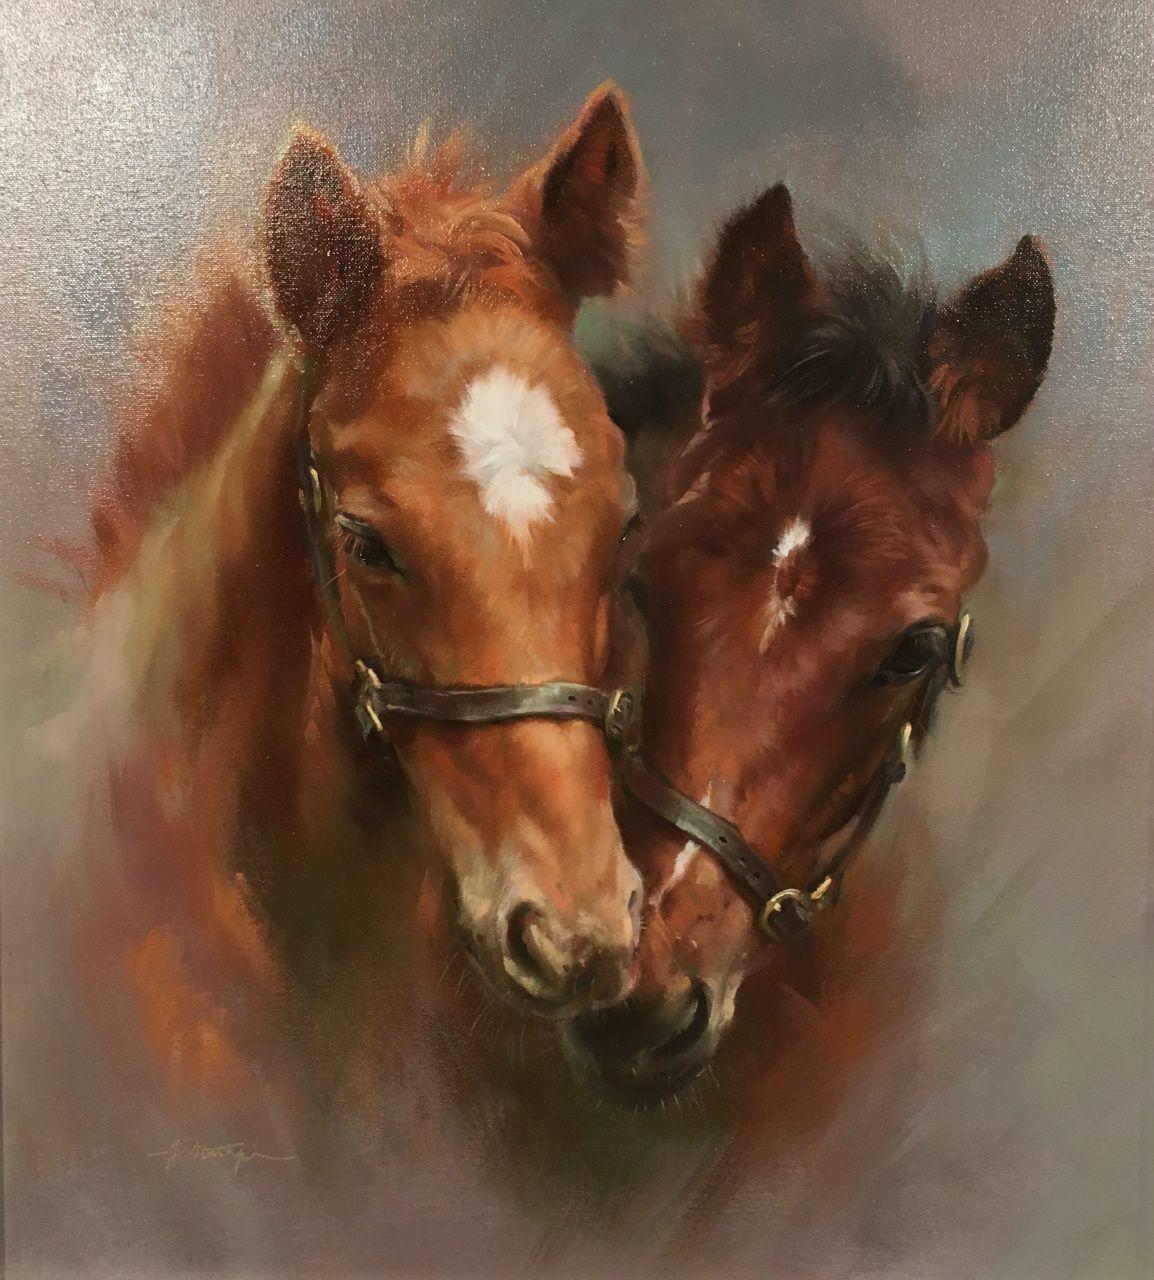 Joyful foals  Jacqueline Stanhope #skizzenkunst